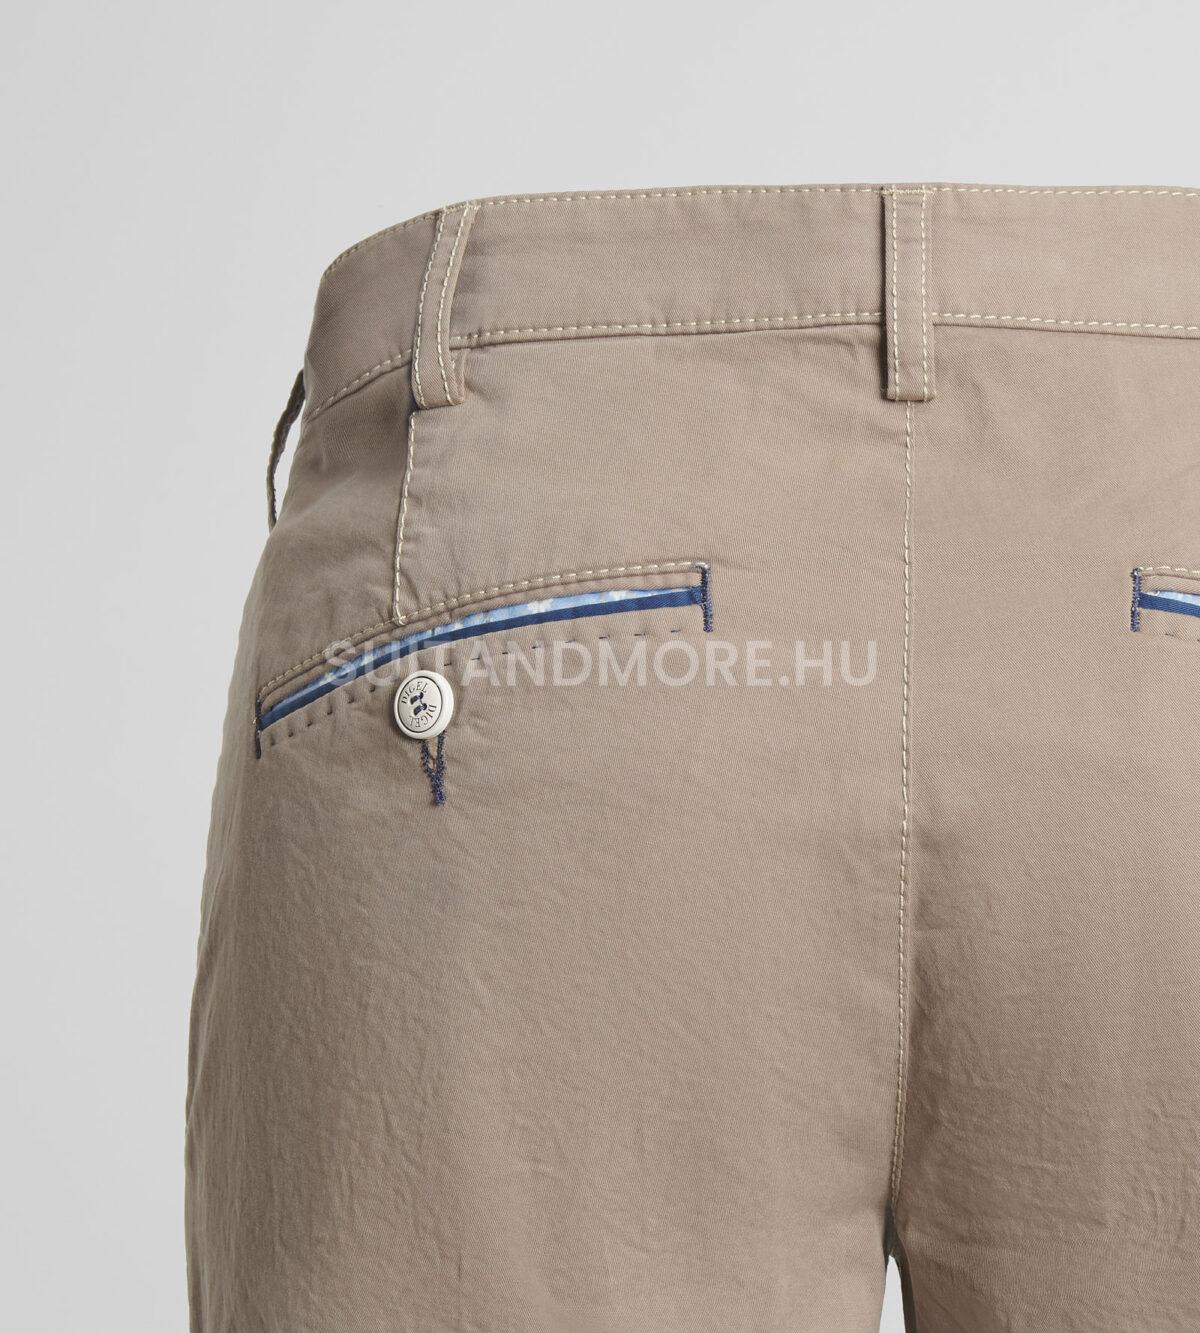 bézs-modern-fit pamut-sztreccs-chino-nadrág-LOGAN-F-88164-72-03